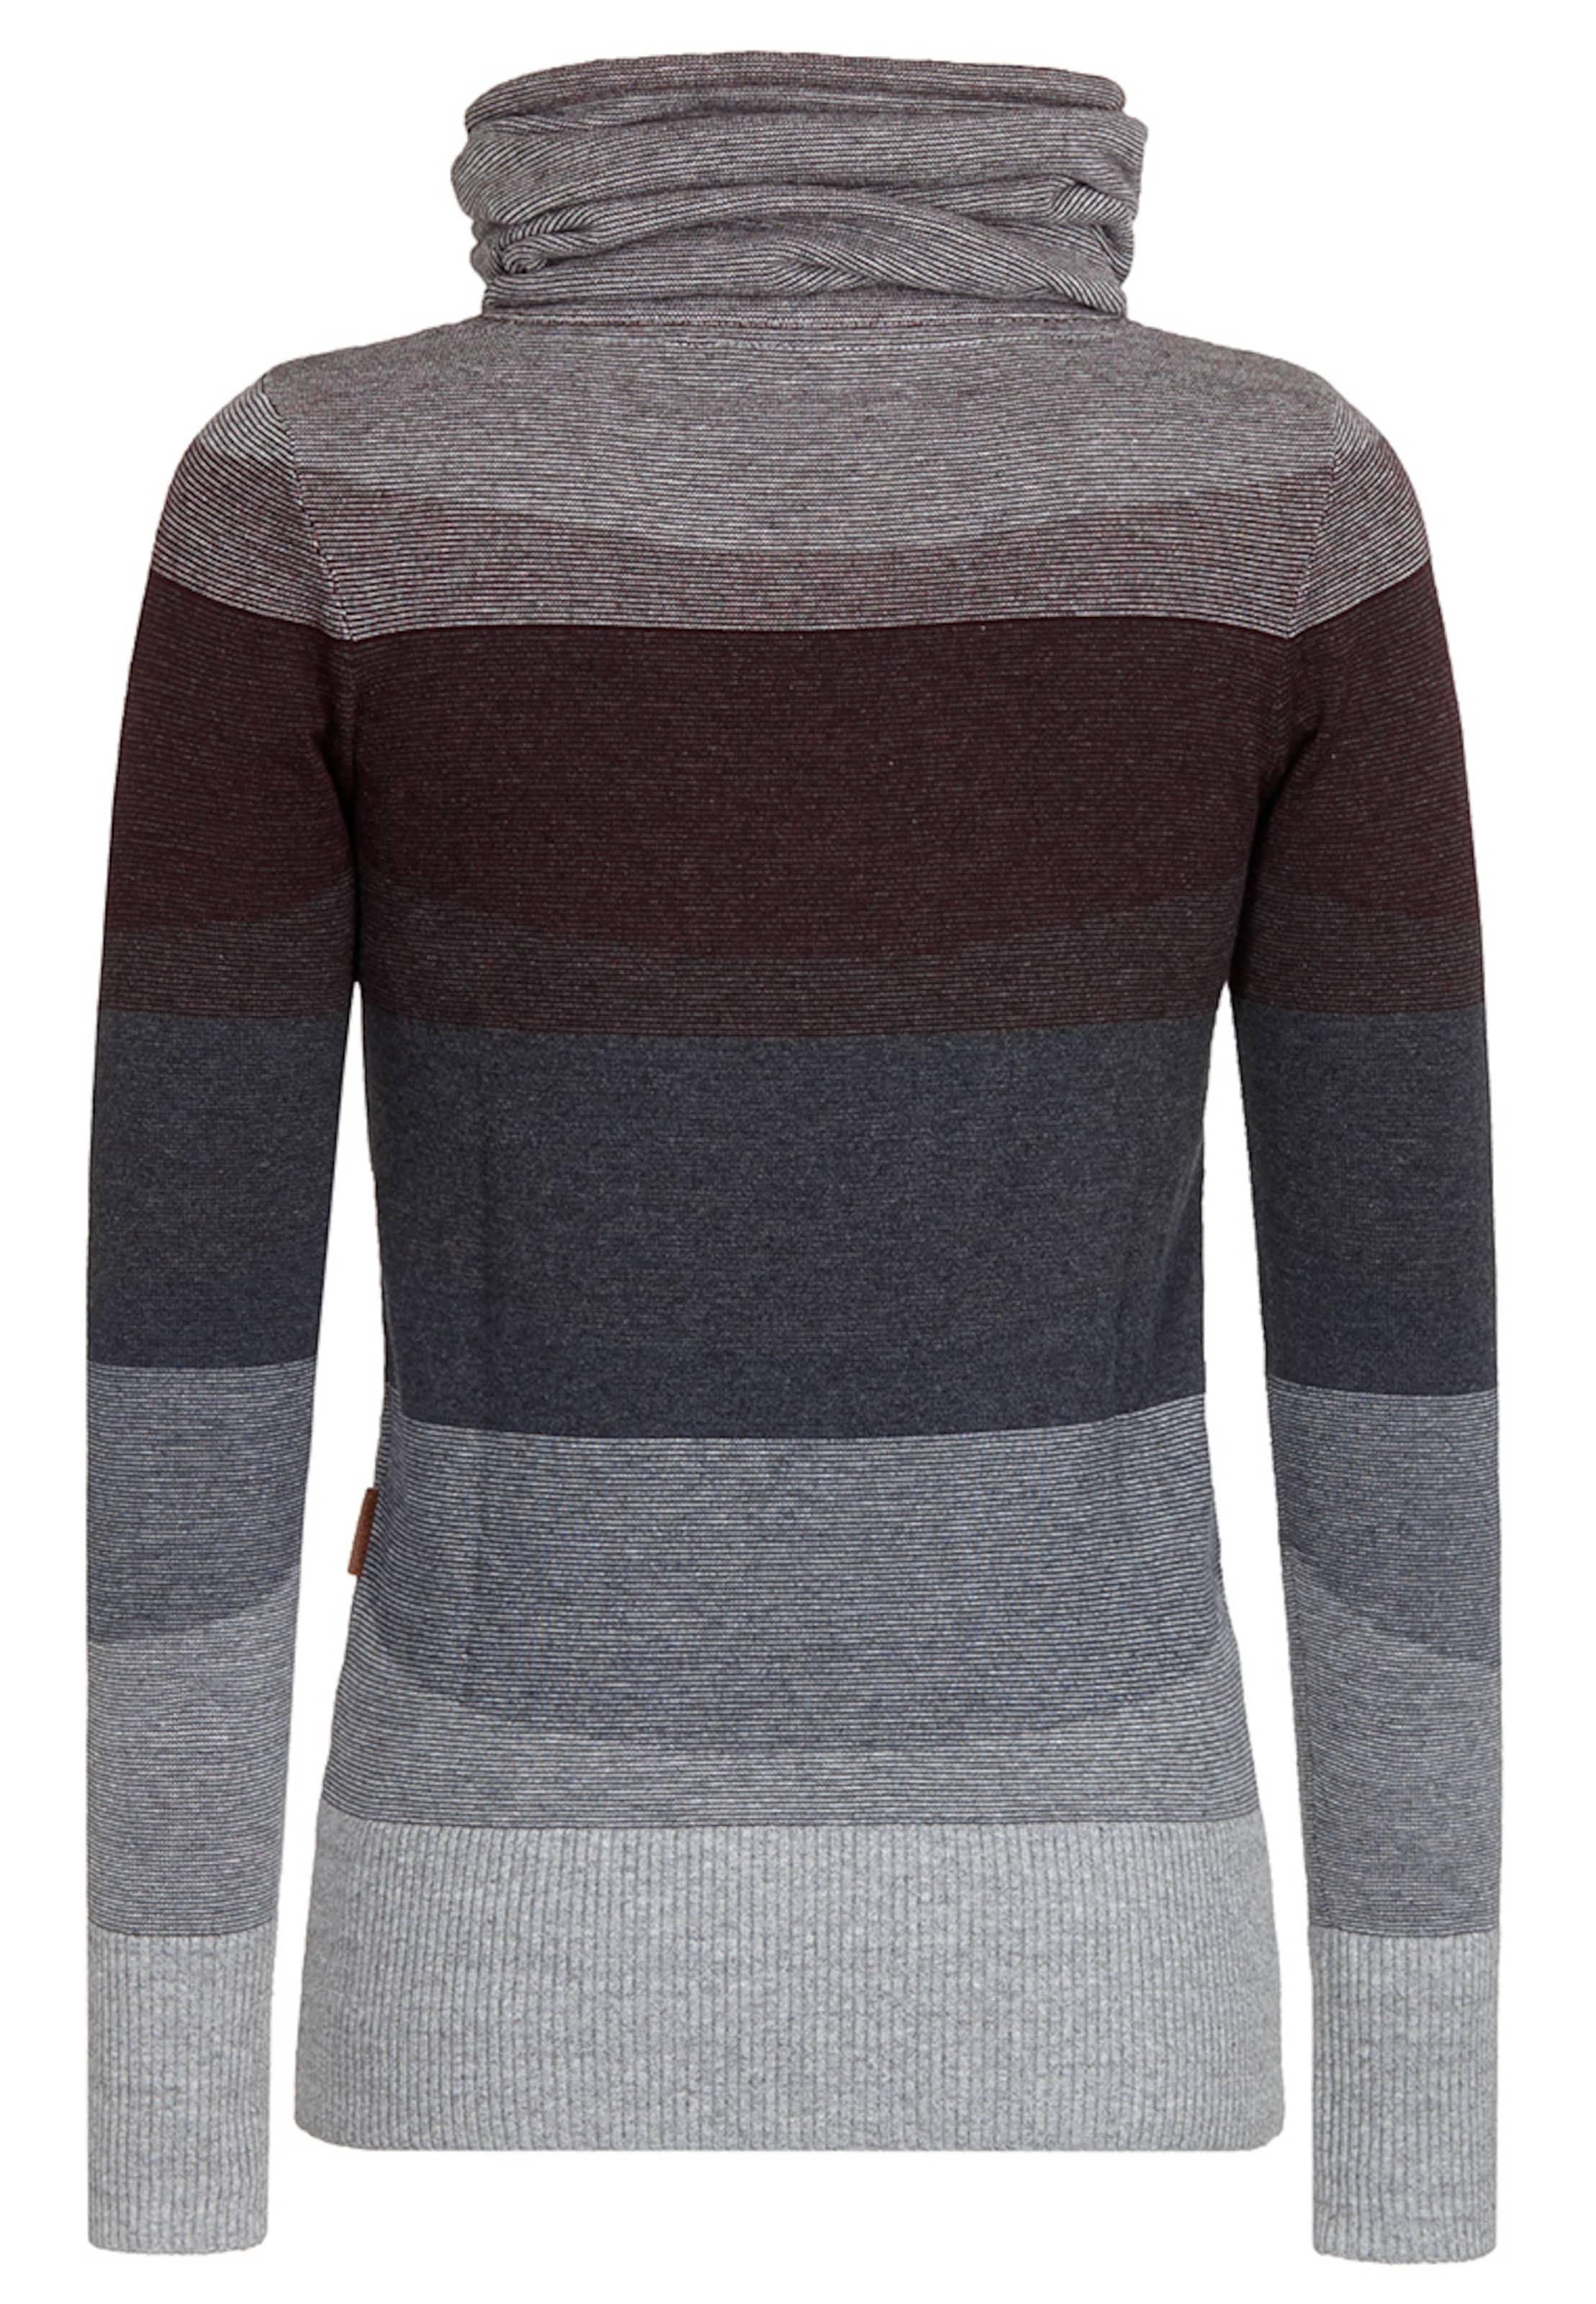 naketano Female Knit Billig Und Schön Sneakernews Verkauf Online Kostenloser Versand Zu Kaufen OWniFmVvw